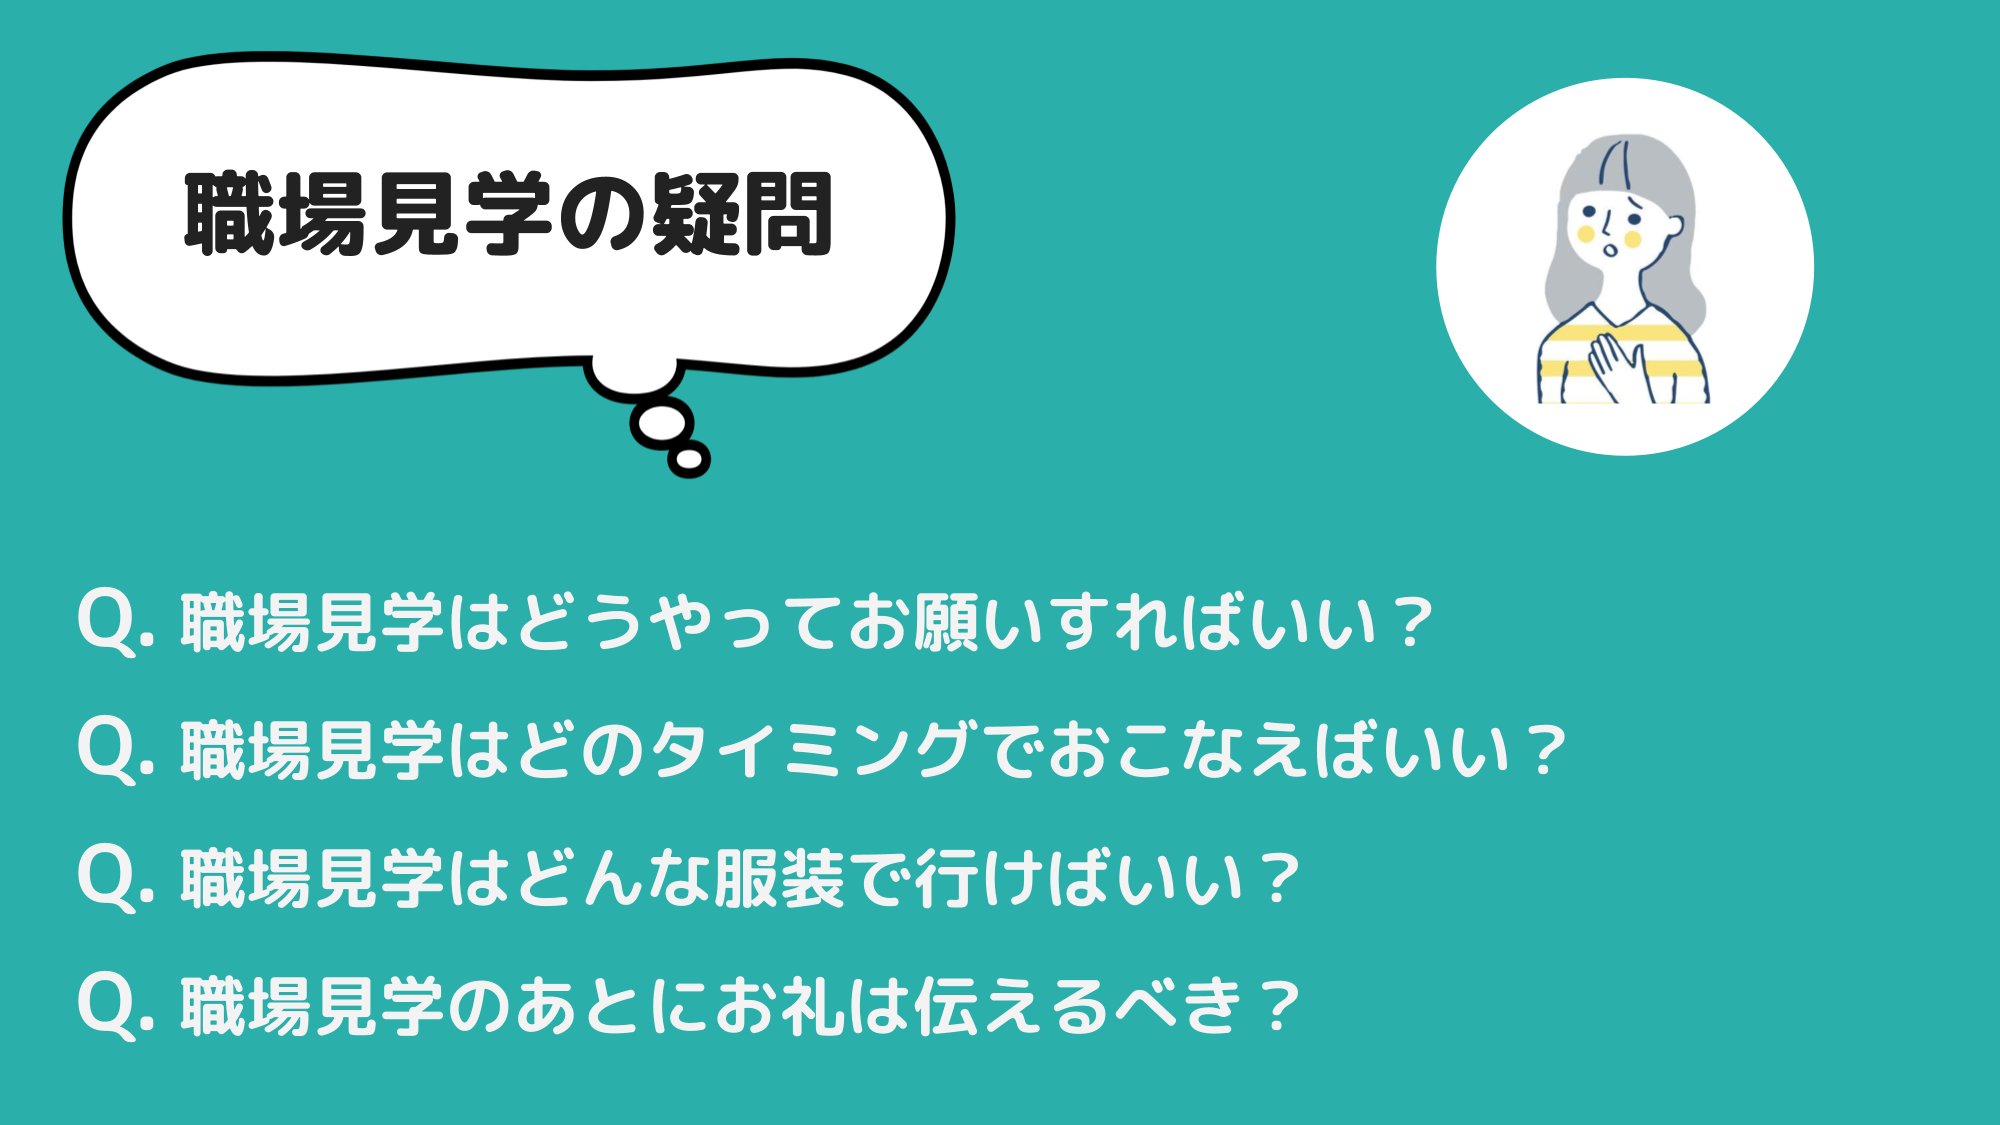 職場見学の疑問 Q. 職場見学はどうやってお願いすればいい? Q. 職場見学はどのタイミングでおこなえばいい? Q. 職場見学はどんな服装で行けばいい? Q. 職場見学のあとにお礼は伝えるべき?